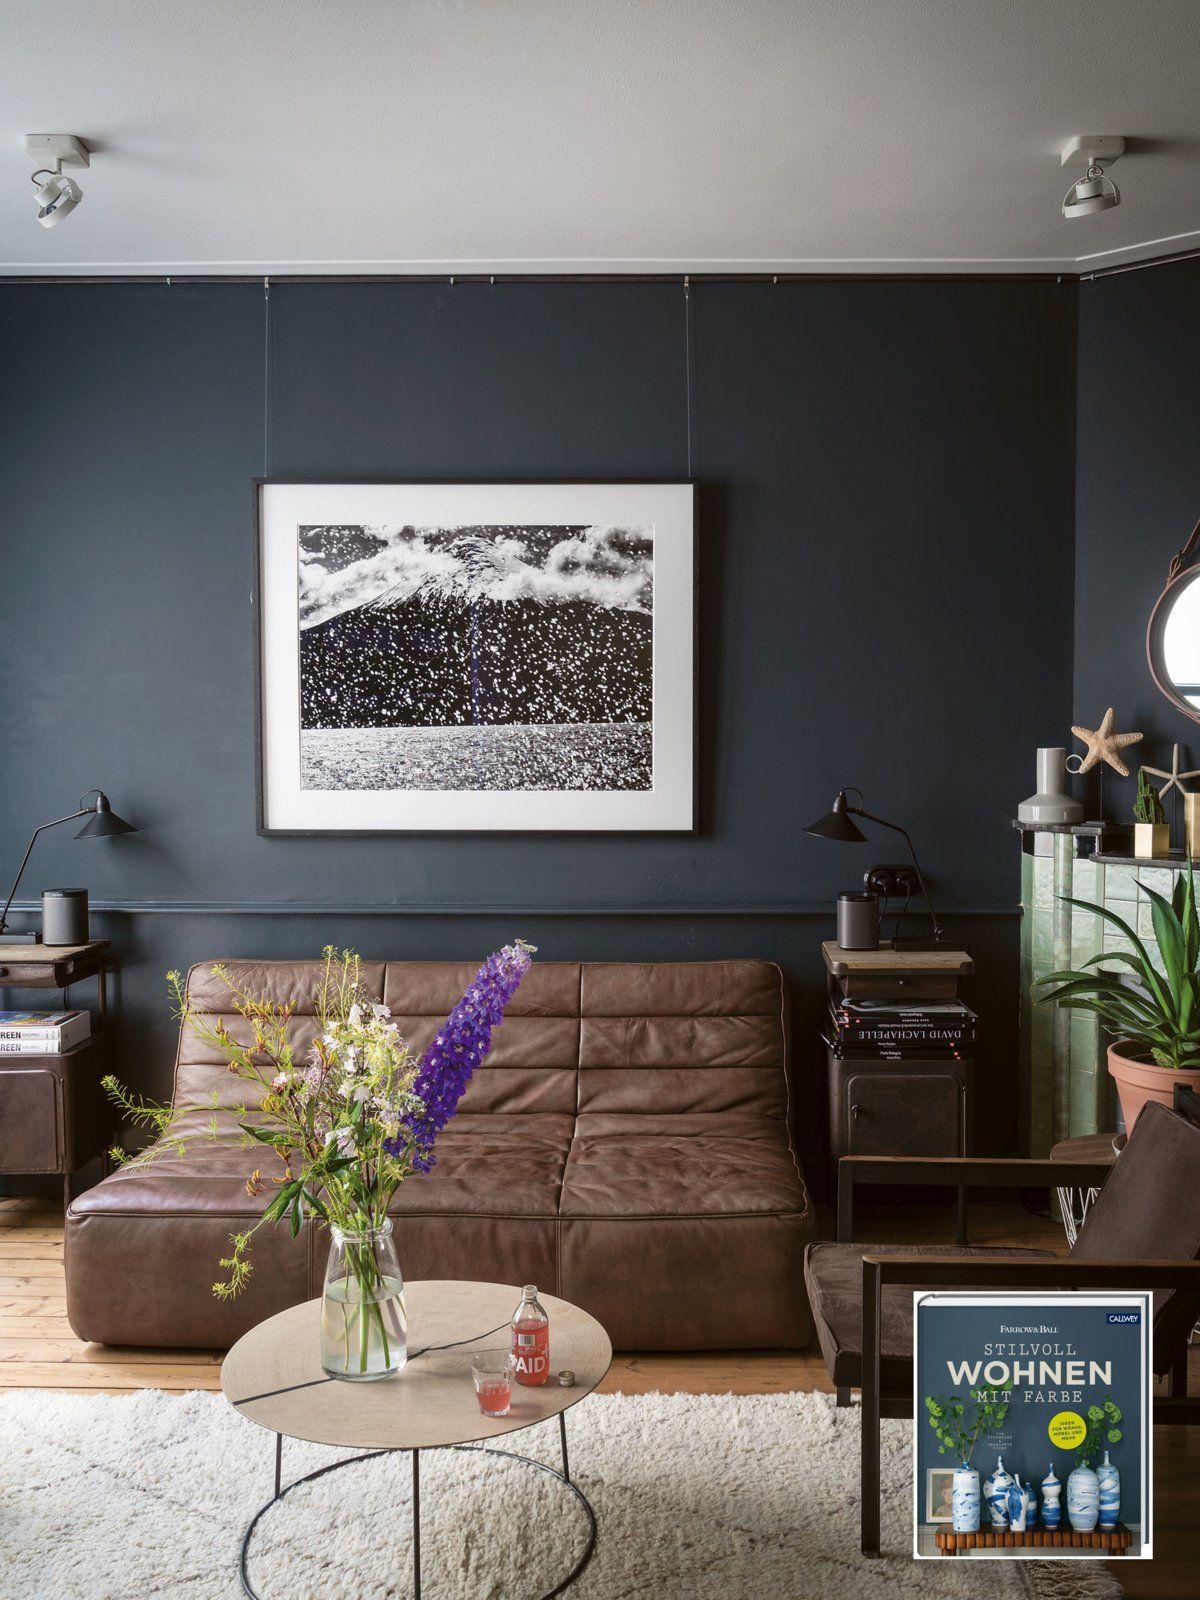 Wohntrends 2017 Deko Möbel Farben Co Haus Stilvoll Wohnen